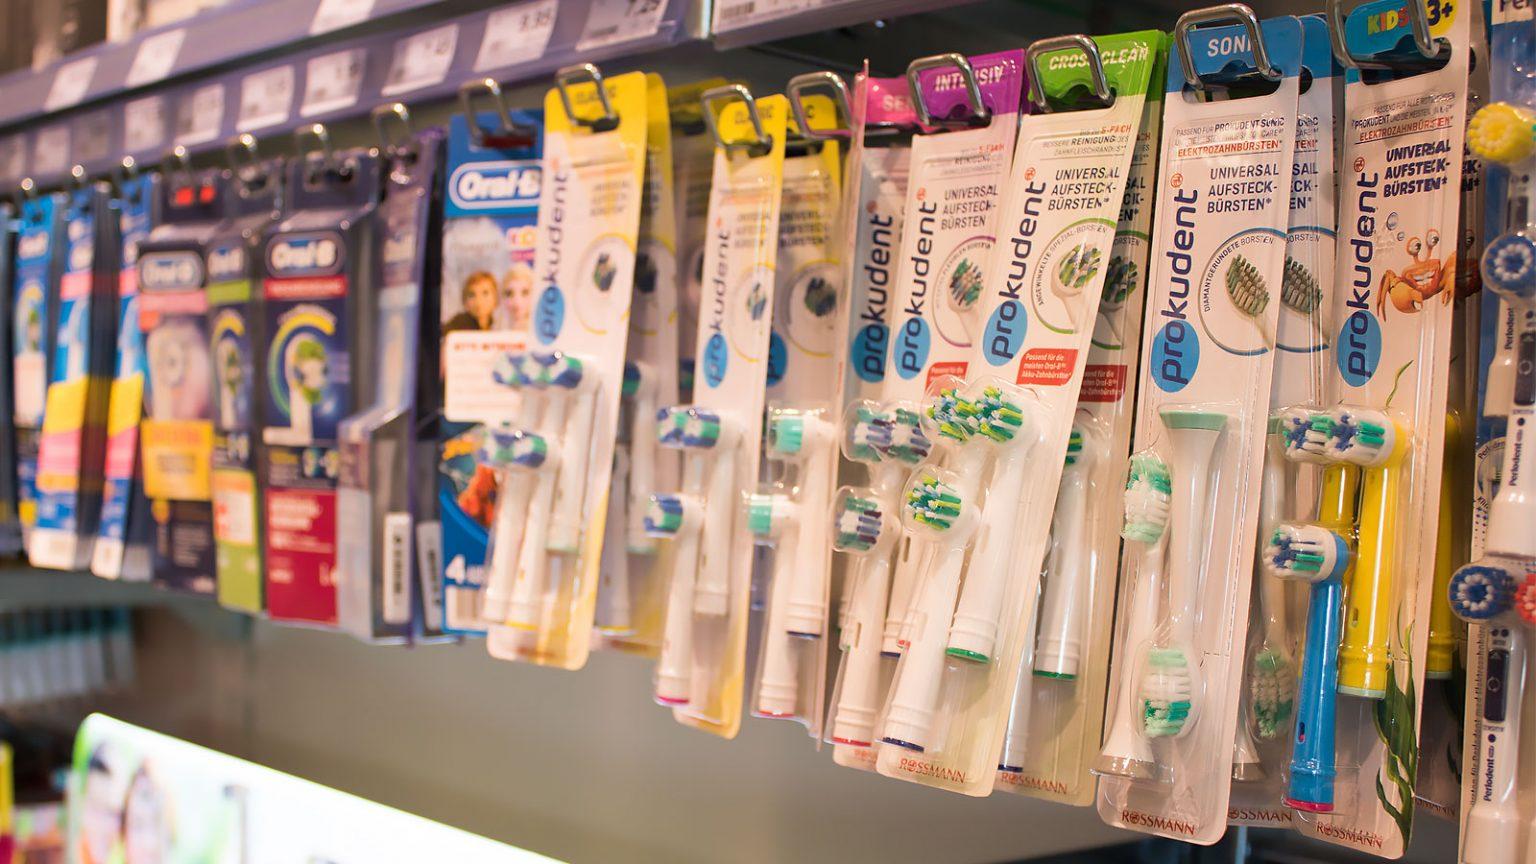 真正的德国口腔护理产品,在德国超市买得到的口腔护理产品,prokudent必固登洁在德国ROSSMANN实拍货架照片